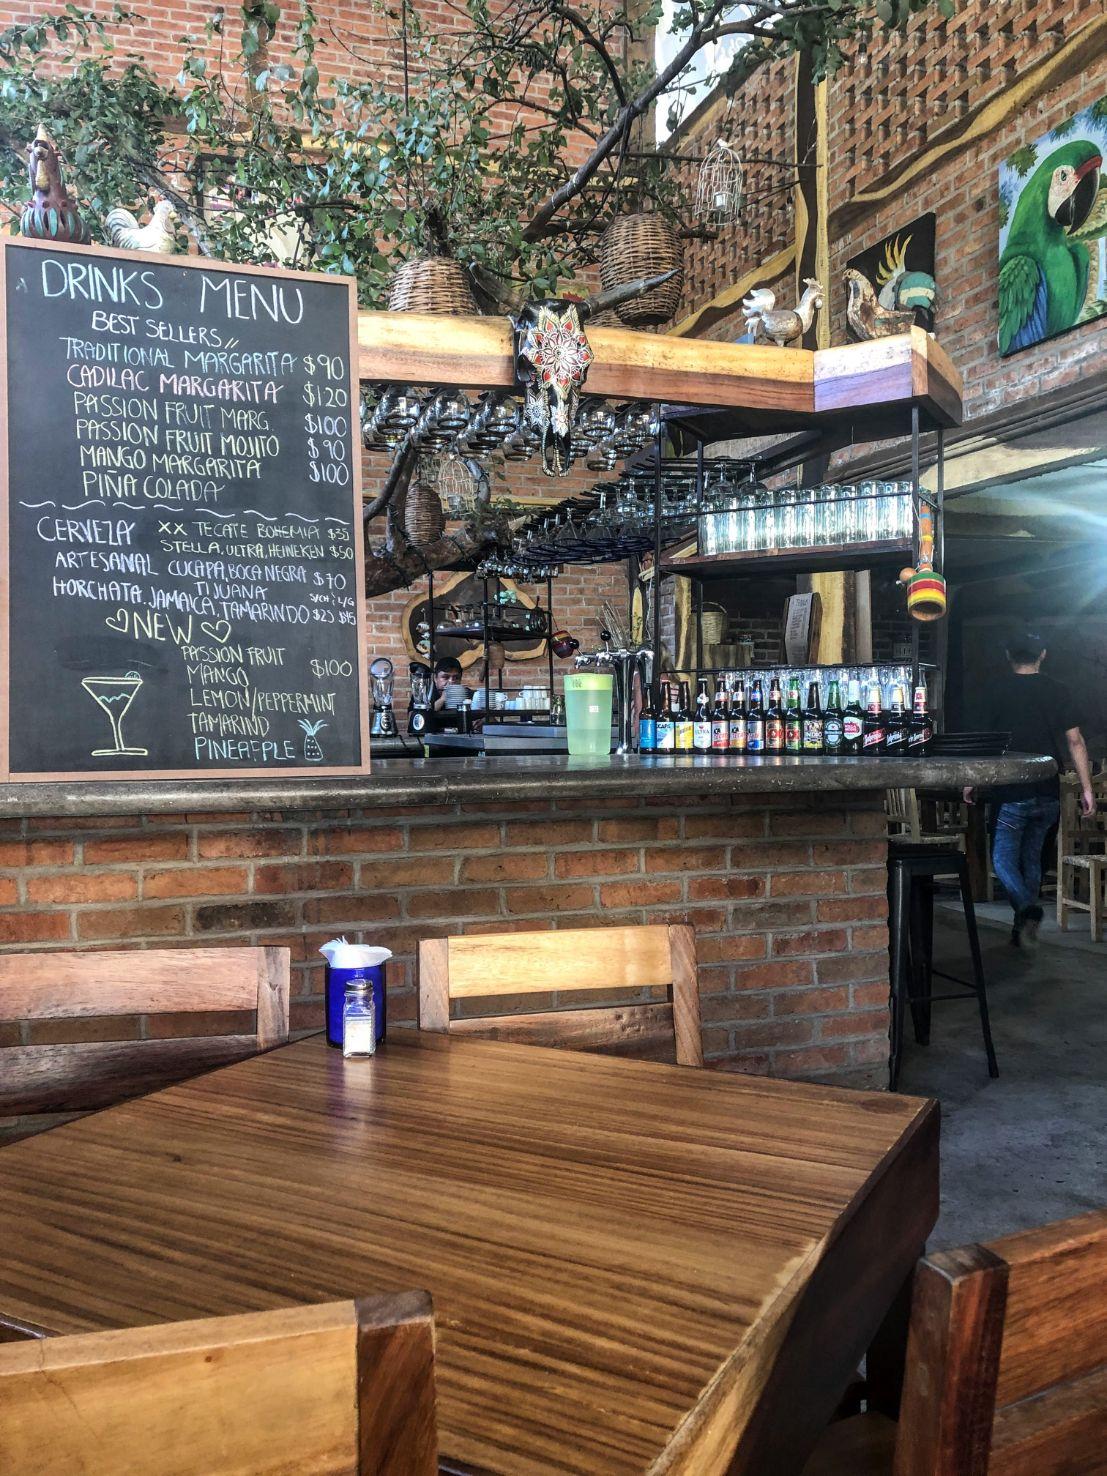 Sonorita Olas Altas moderns bar and restaurant in Puerto Vallarta